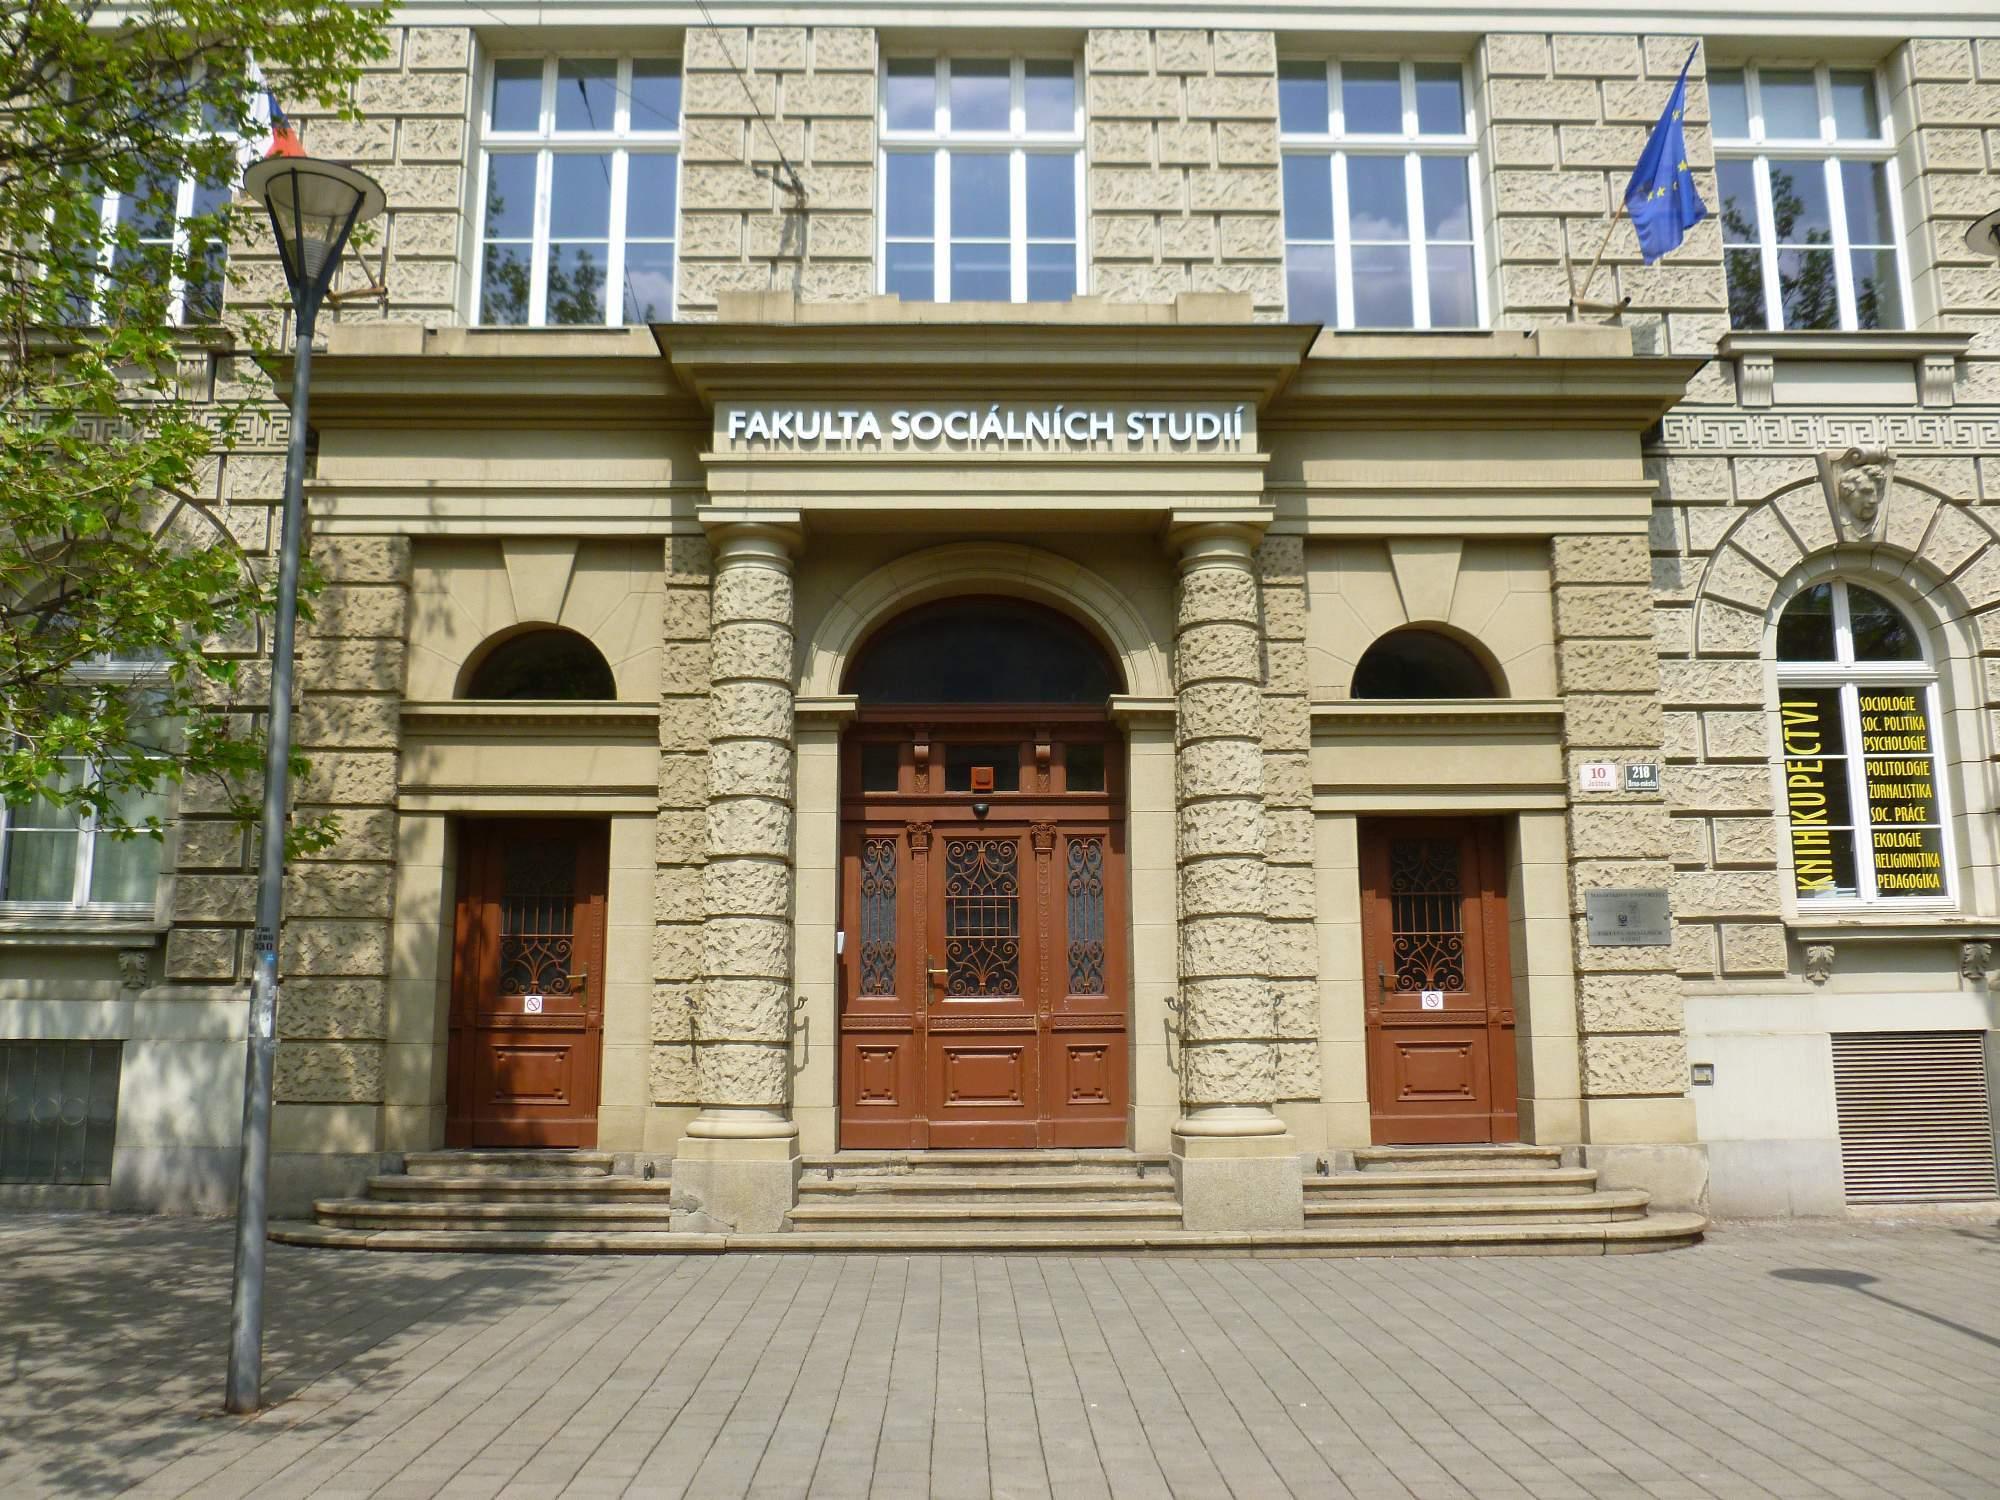 Původně mezi německé stavby patřila i Lékařská fakulta a Fakulta sociálních studií Masarykovy univerzity. Foto: Kristýna Hortvíková